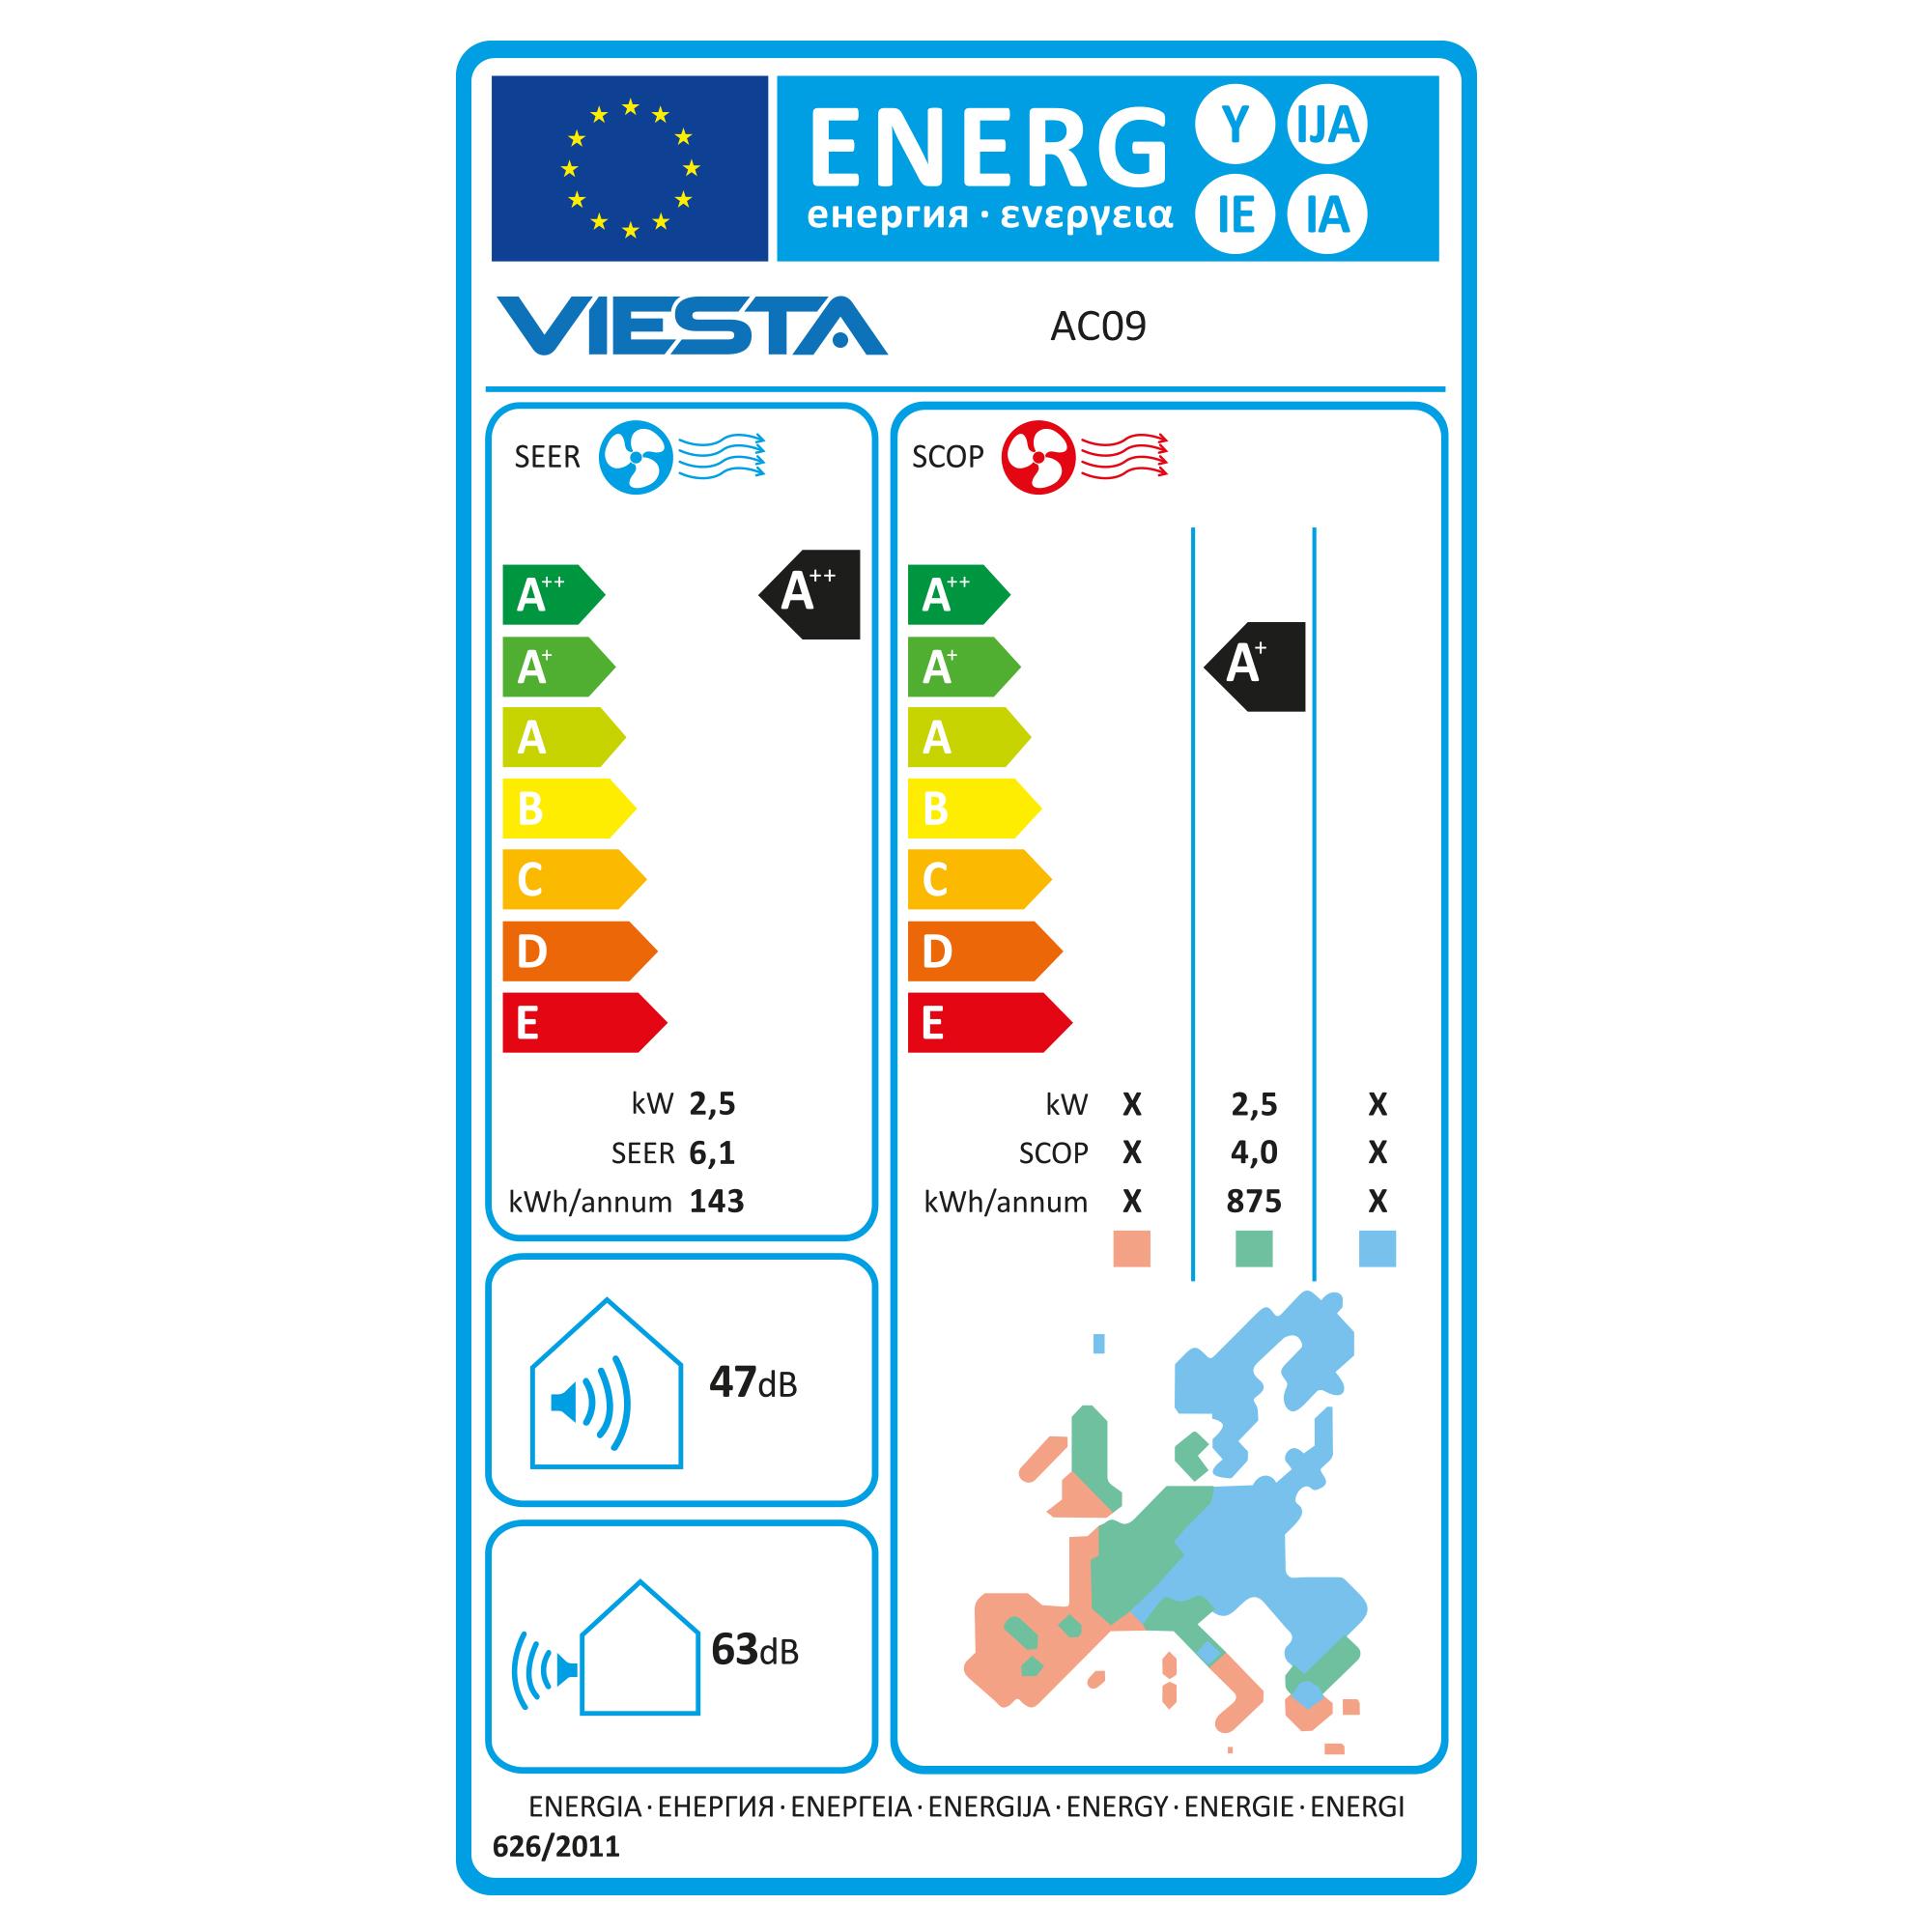 Viesta Klimaanlage AC18 energiesparendes Klima Splitgerät - 18000 BTU für Räume bis 64qm - angenehm leise - Timer- und Entfeuchter-Funktion - weiß